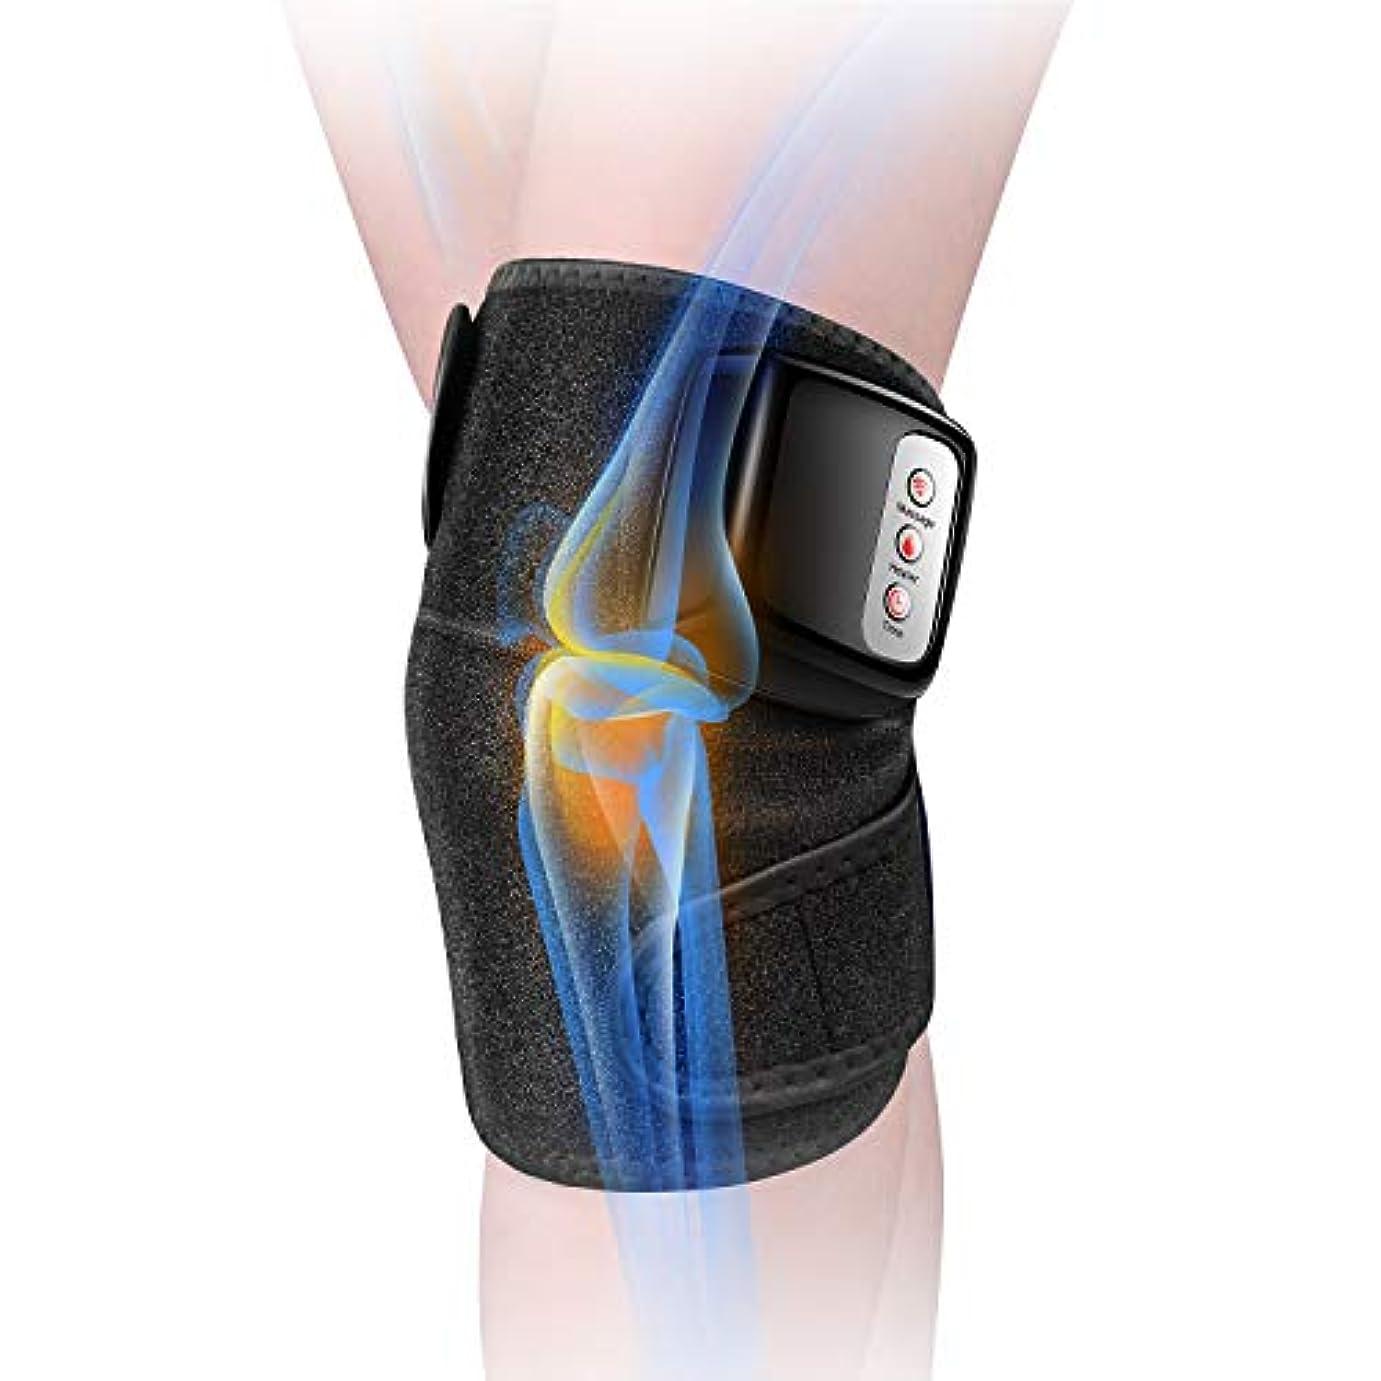 本会議傷跡銀膝マッサージャー 関節マッサージャー マッサージ器 フットマッサージャー 振動 赤外線療法 温熱療法 膝サポーター ストレス解消 肩 太もも/腕対応